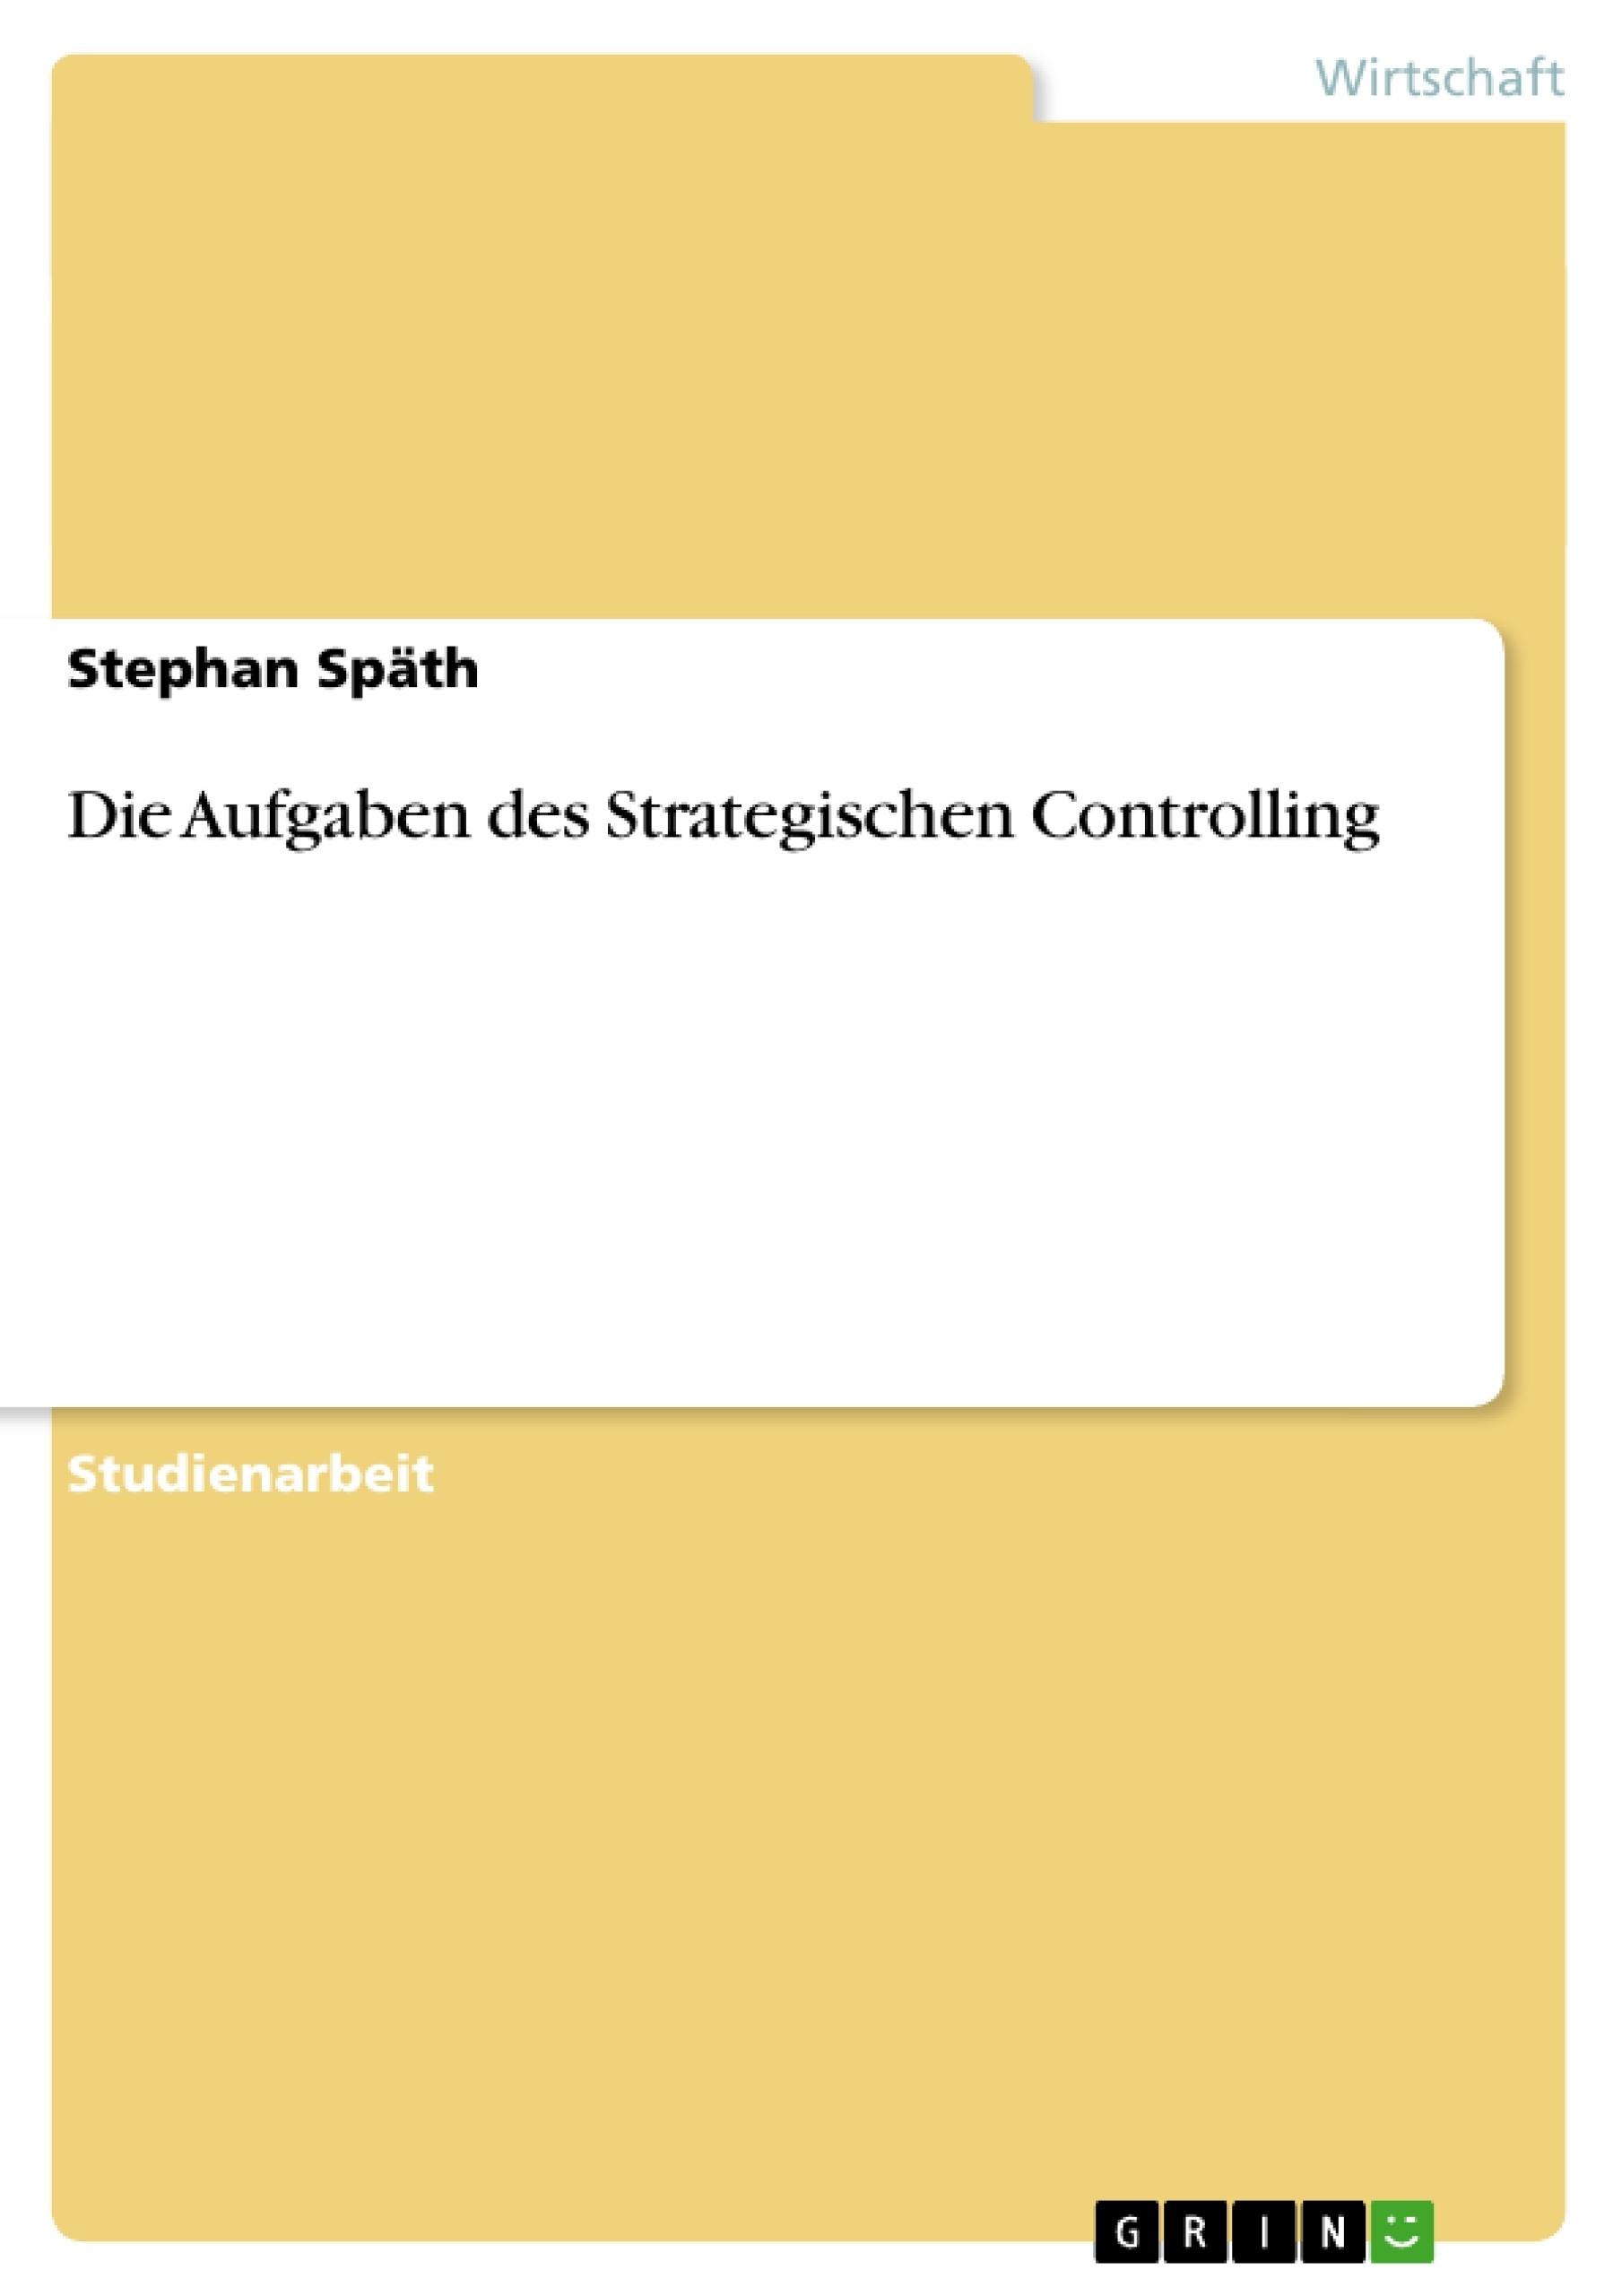 Titel: Die Aufgaben des Strategischen Controlling